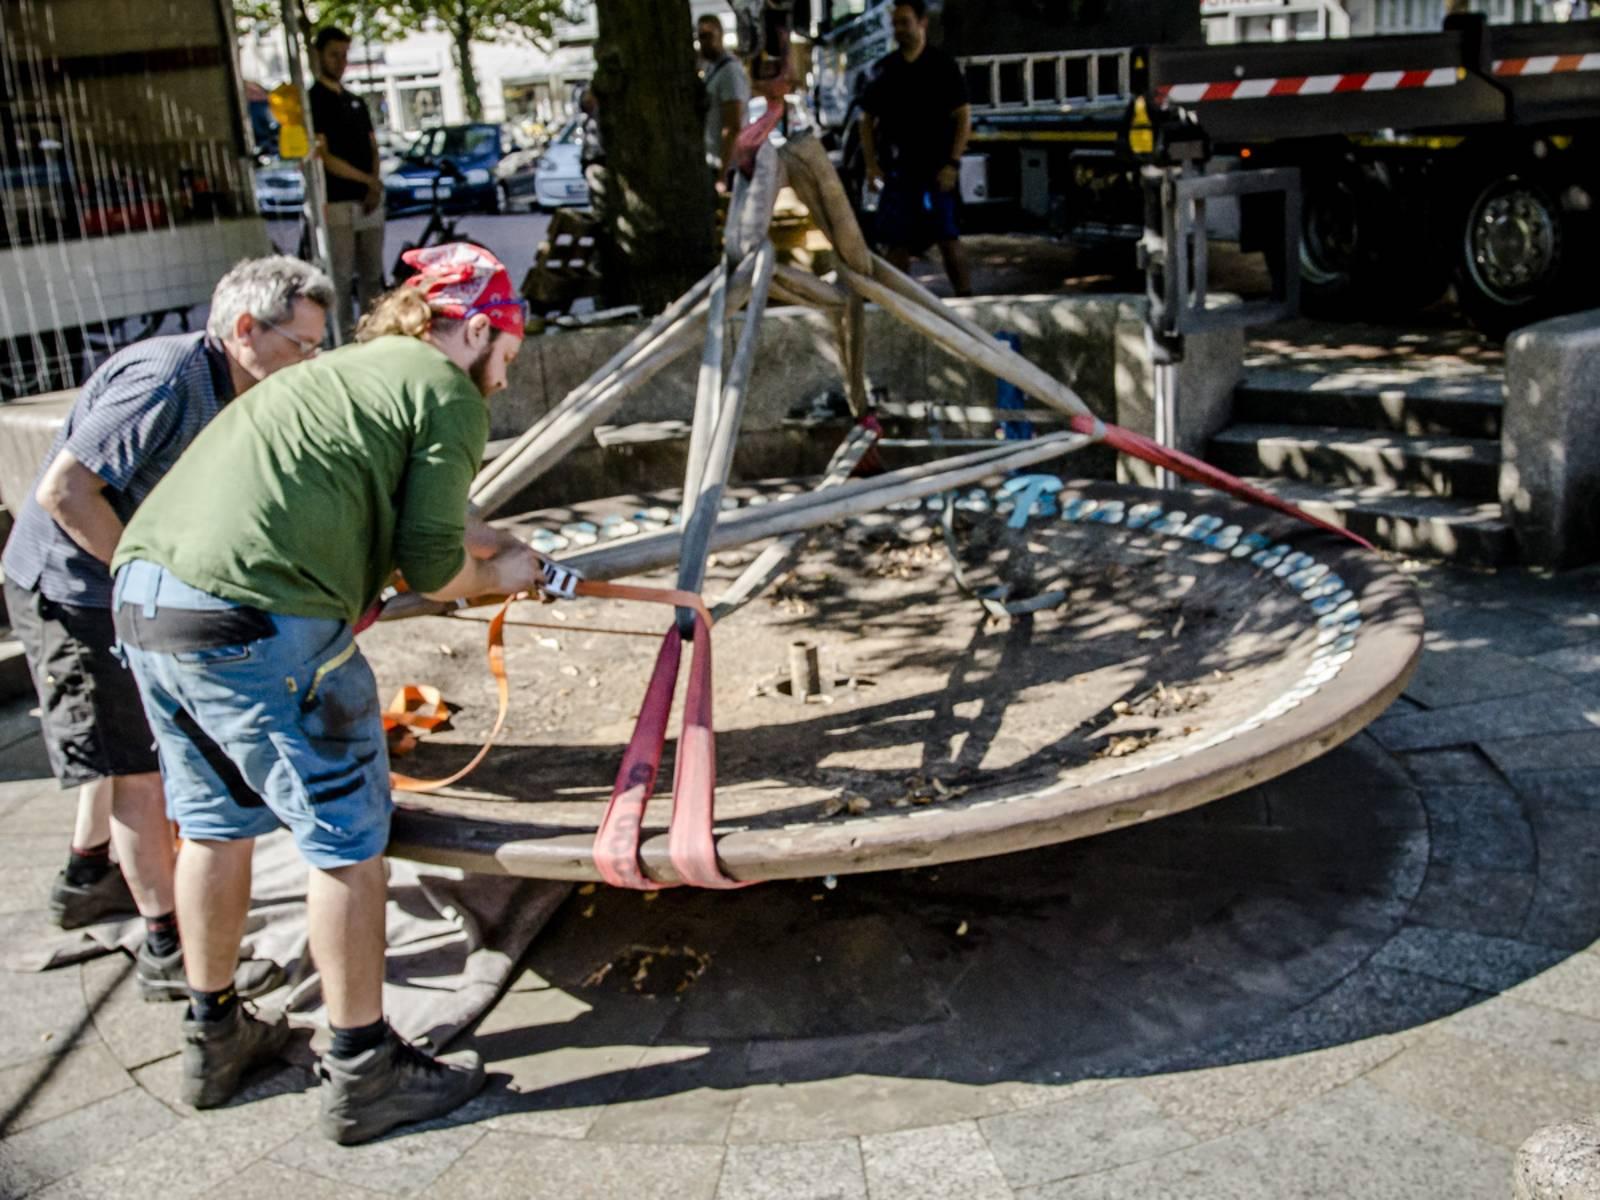 Bauarbeiter heben einen Brunnenschale mit einem Kran.